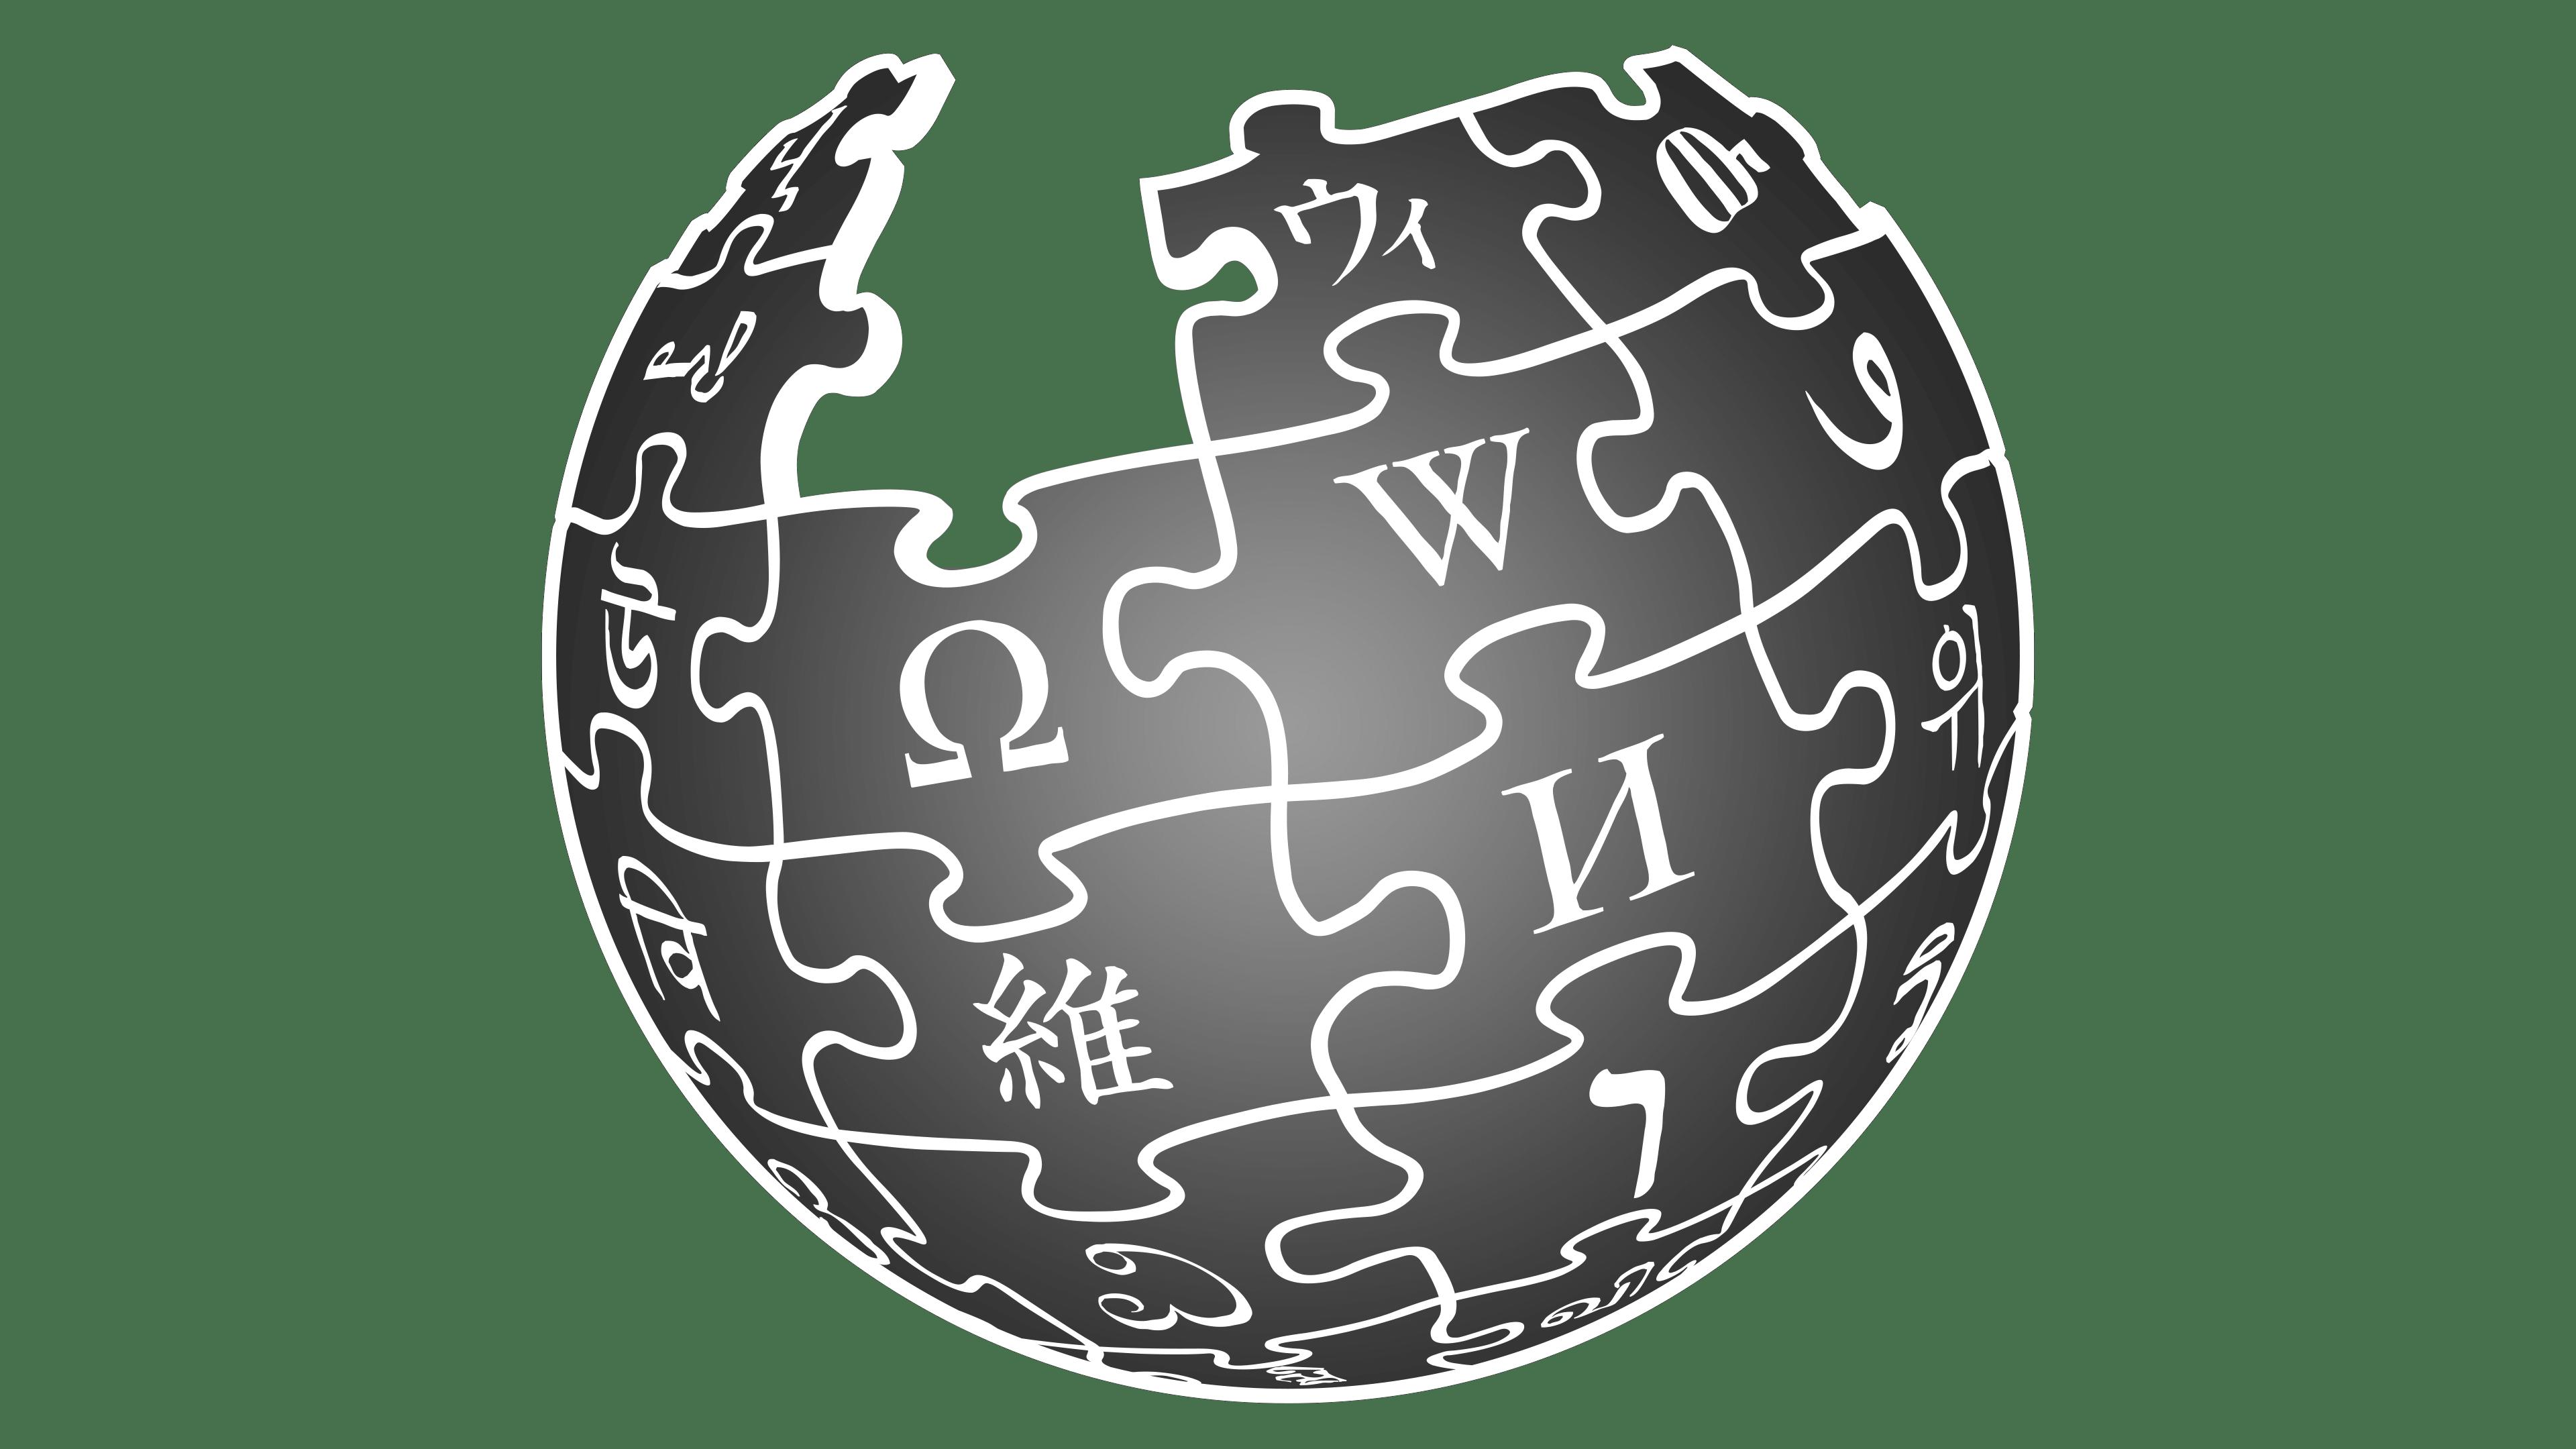 Wikipedia Emblem